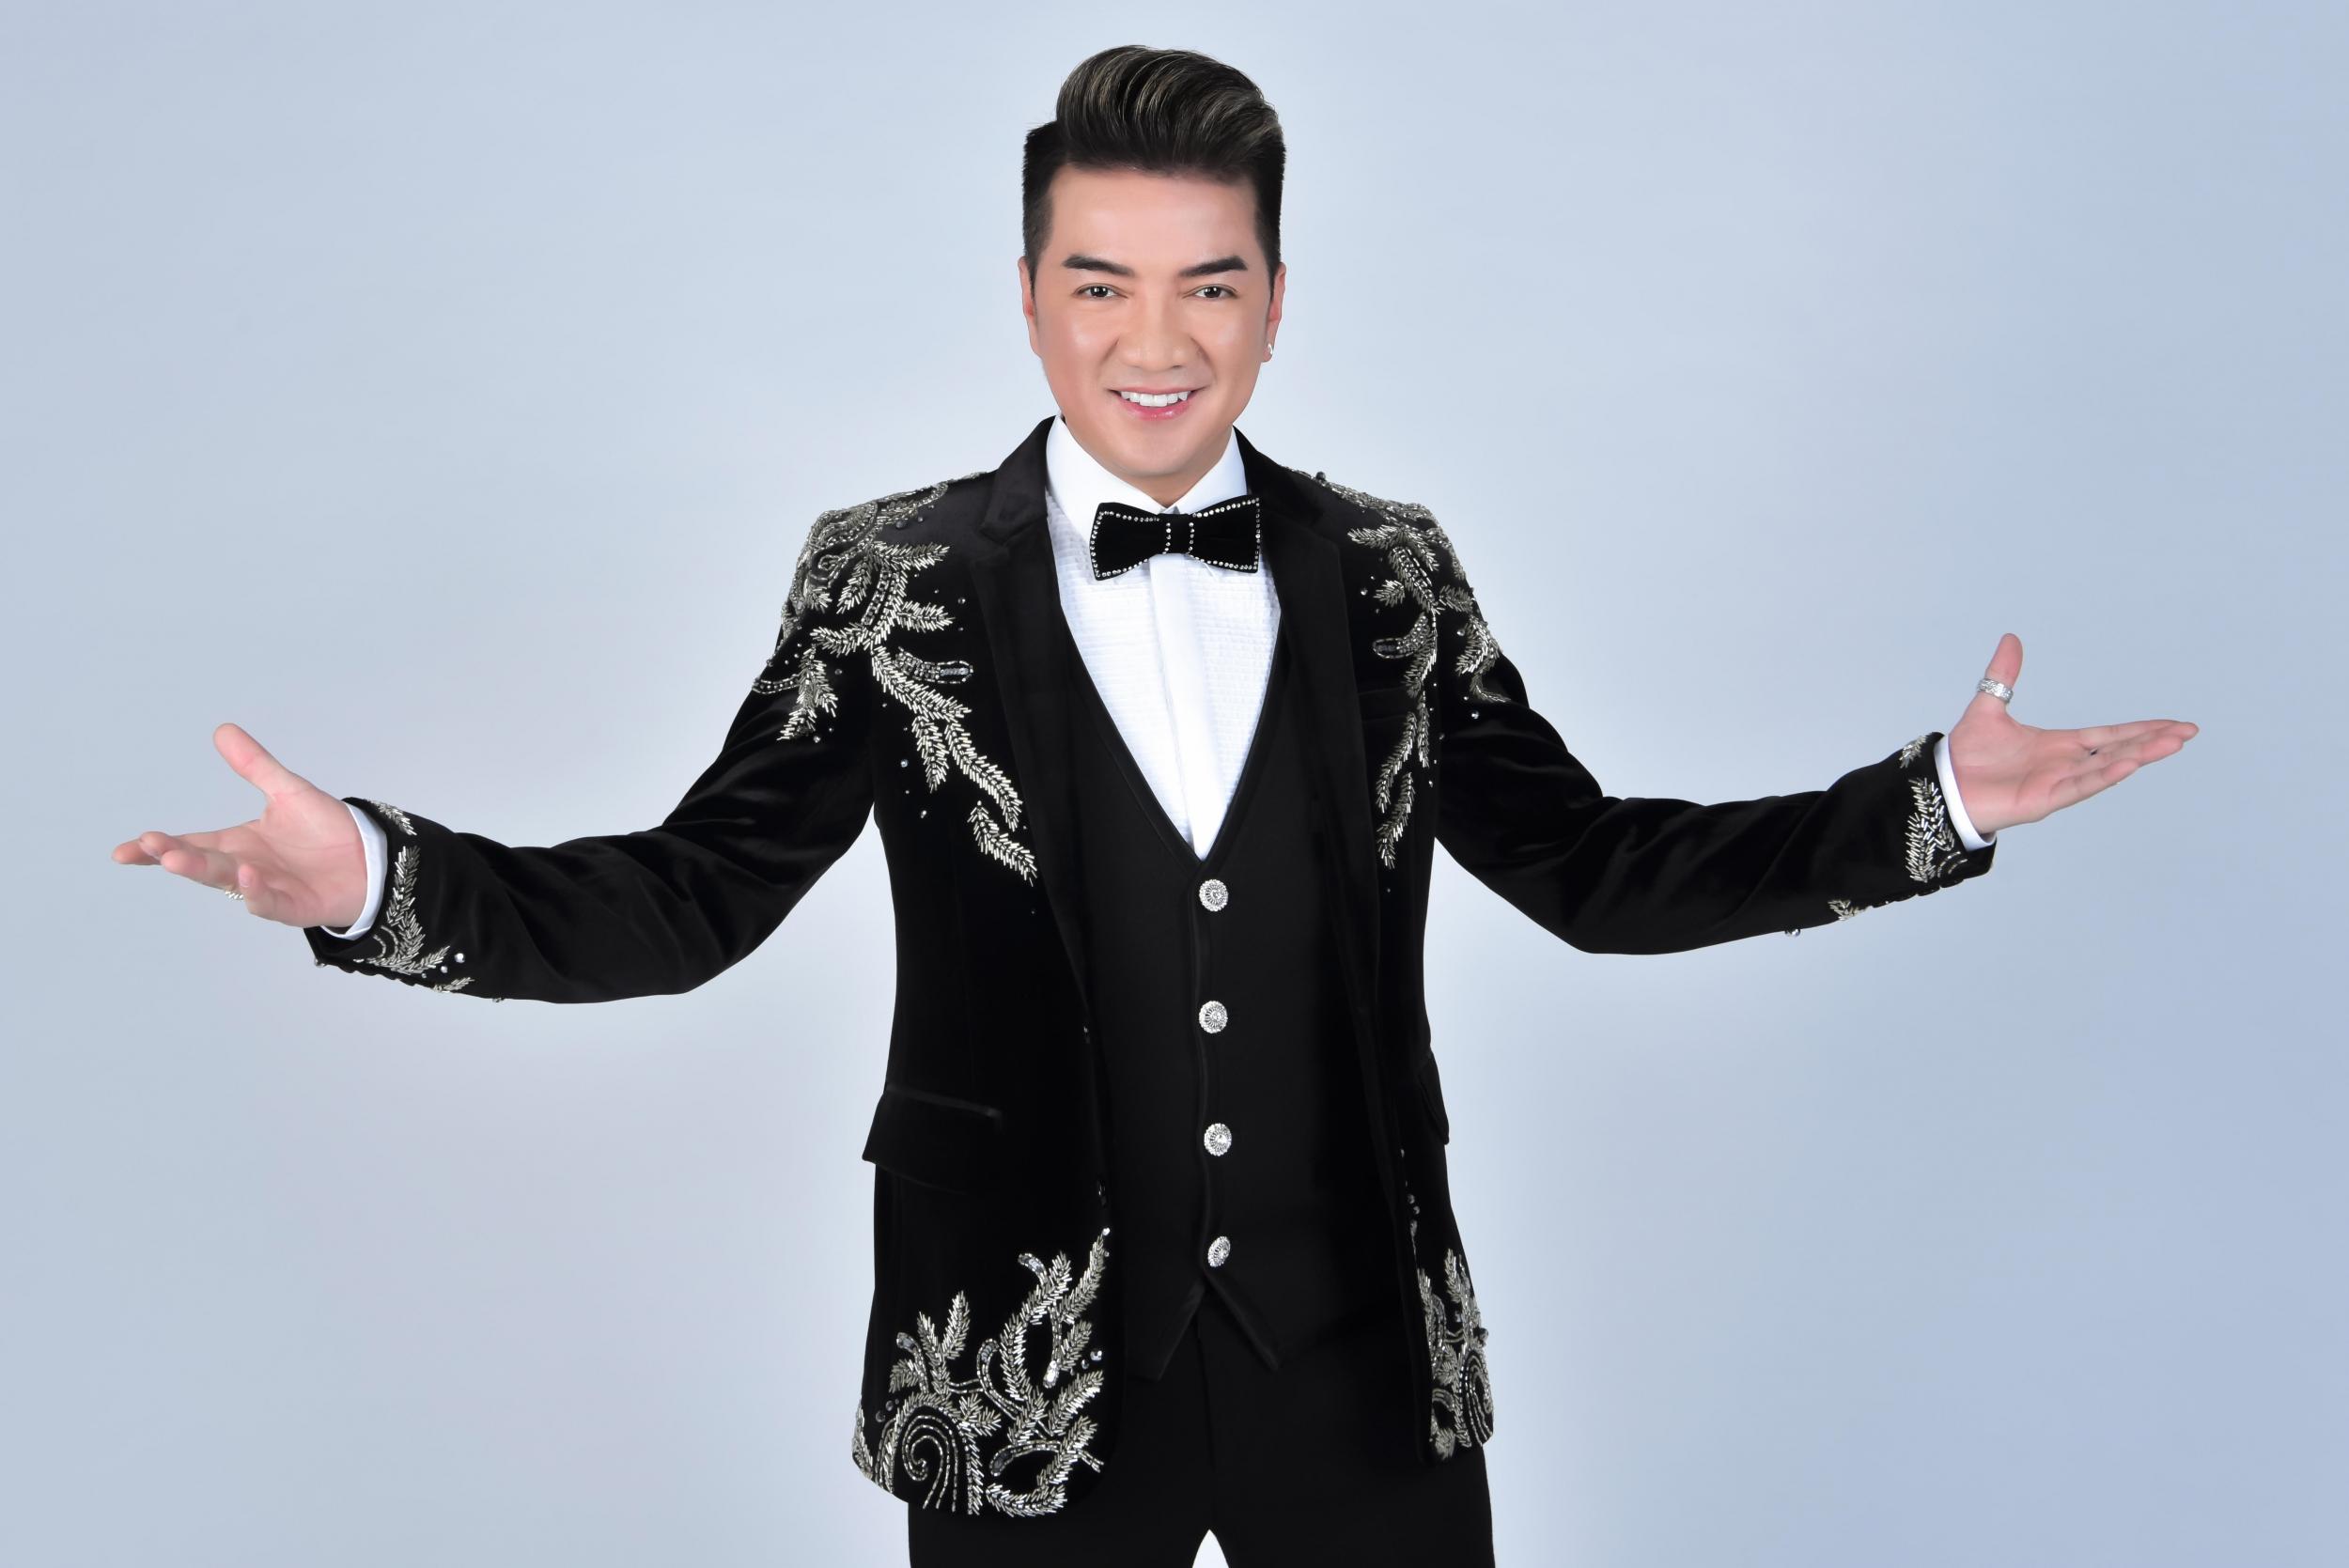 Ca sĩ Đàm Vĩnh Hưng sẽ góp mặt biểu diễn trong Dạ tiệc ngôi sao (Stars by Night Party). Liên hệ để biết thêm thông tin chương trình qua Hotline: 1900 63 6666 hoặc Website: www.novaland.com.vn